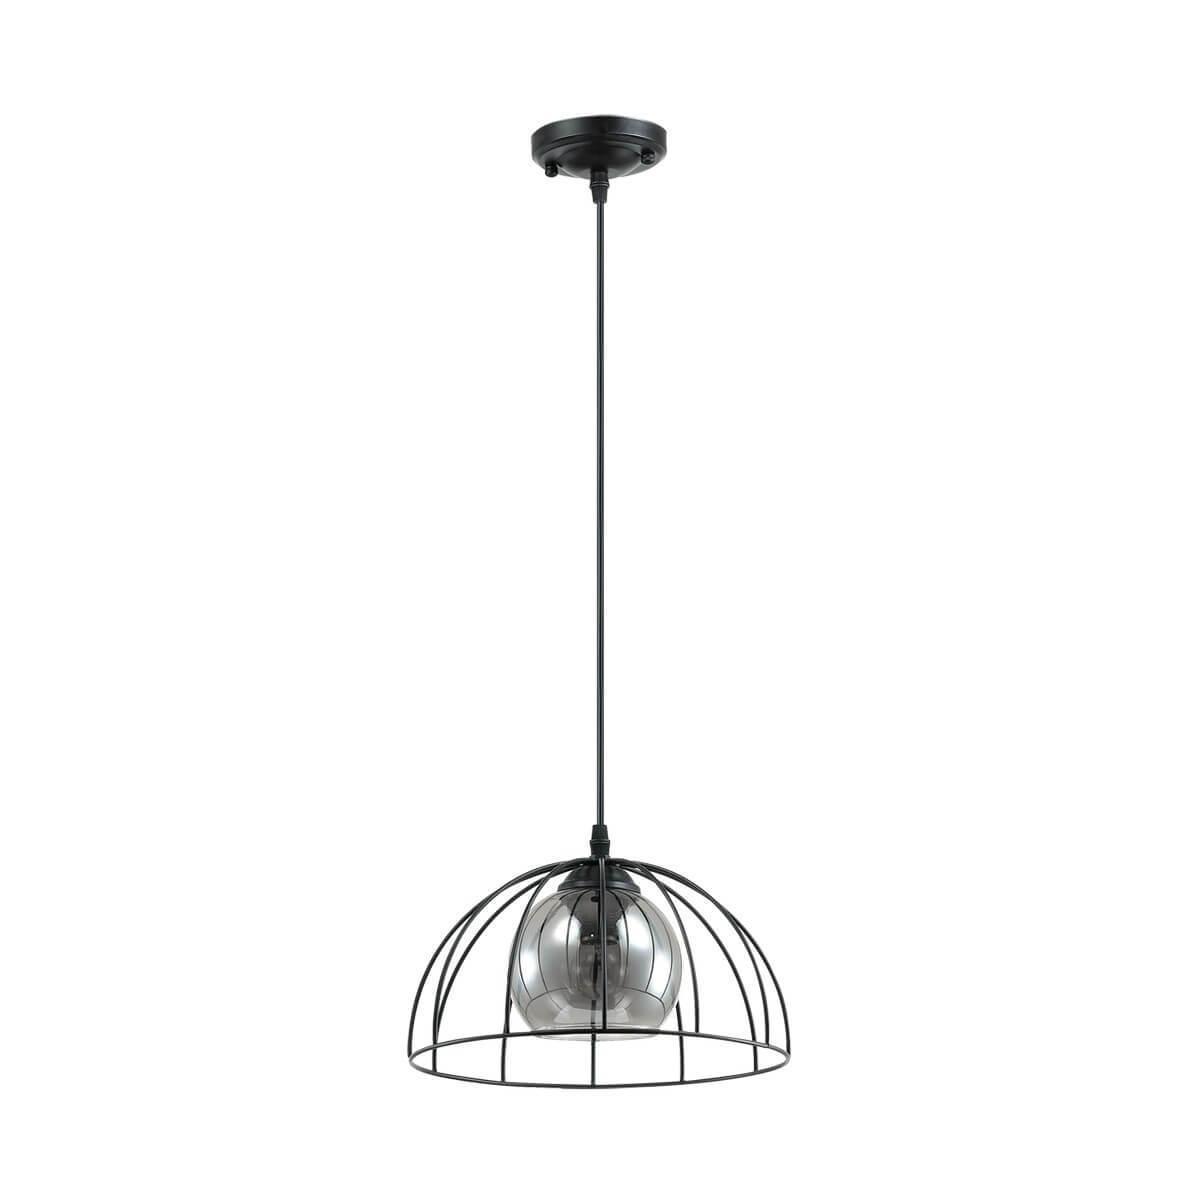 Подвесной светильник Lumion 3713/1A, E27, 60 Вт donolux подвесной светильник donolux s111013 1a white